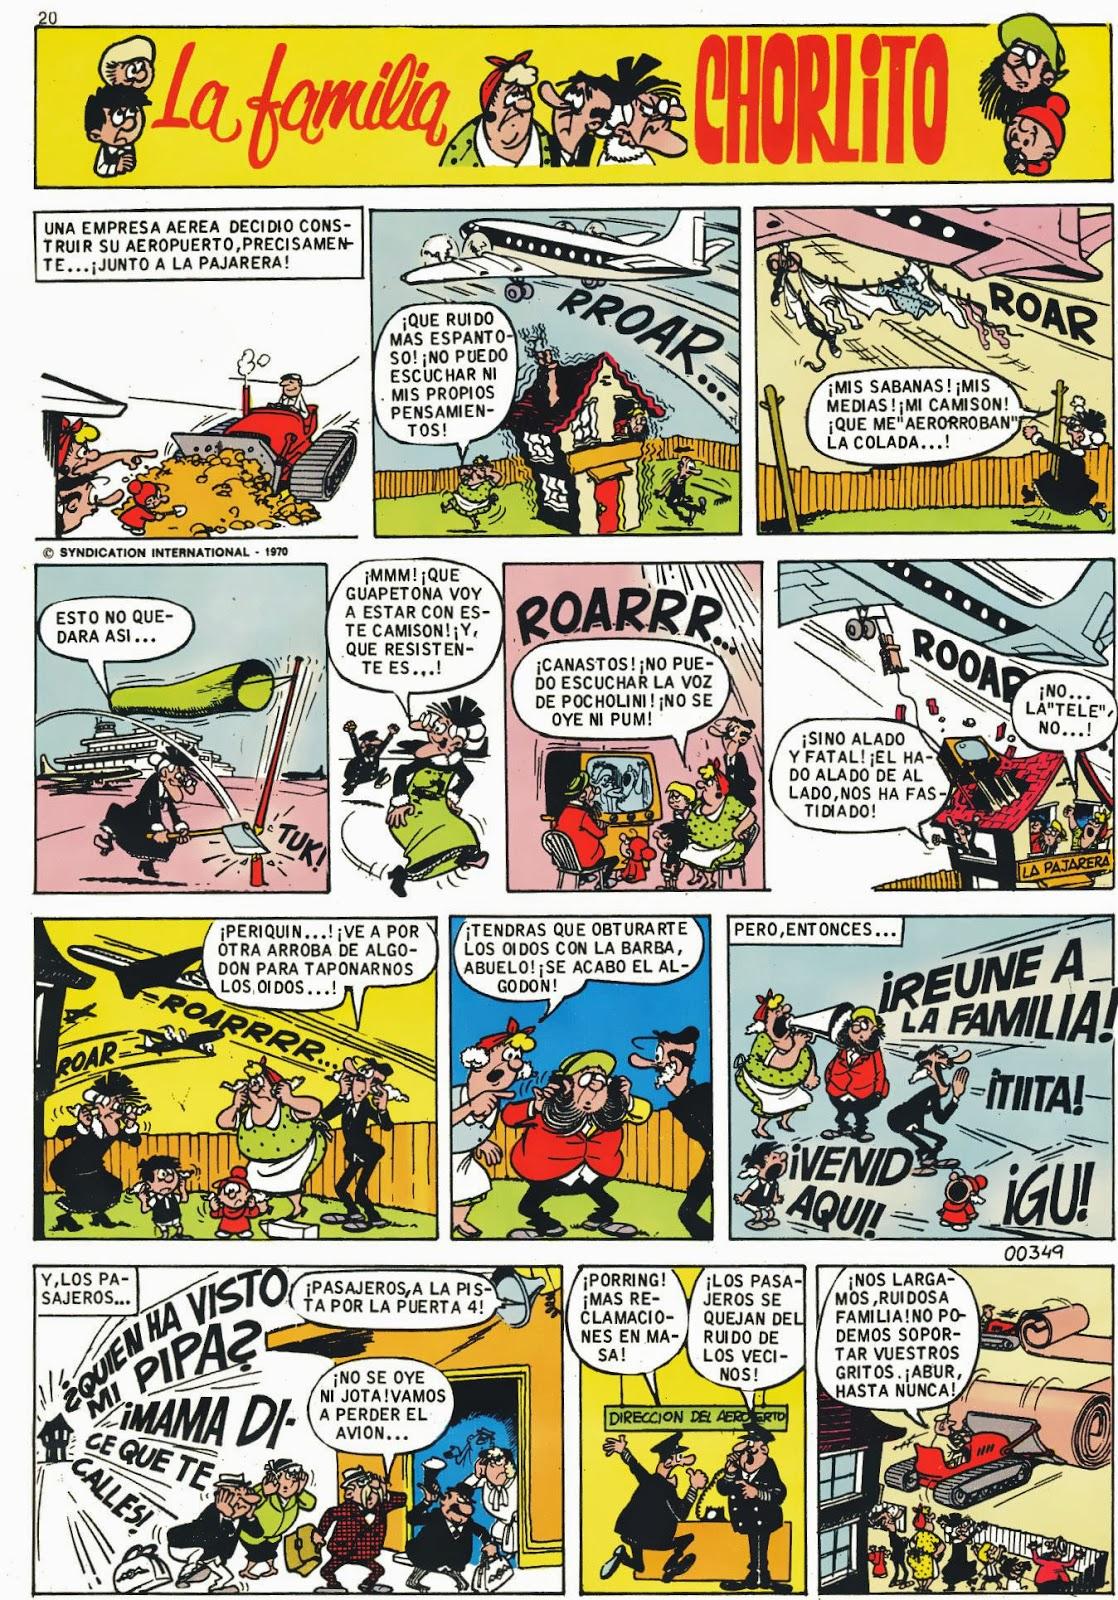 La Familia Chorlito (The Nutts) Nadal, DDT 3ª nº 171